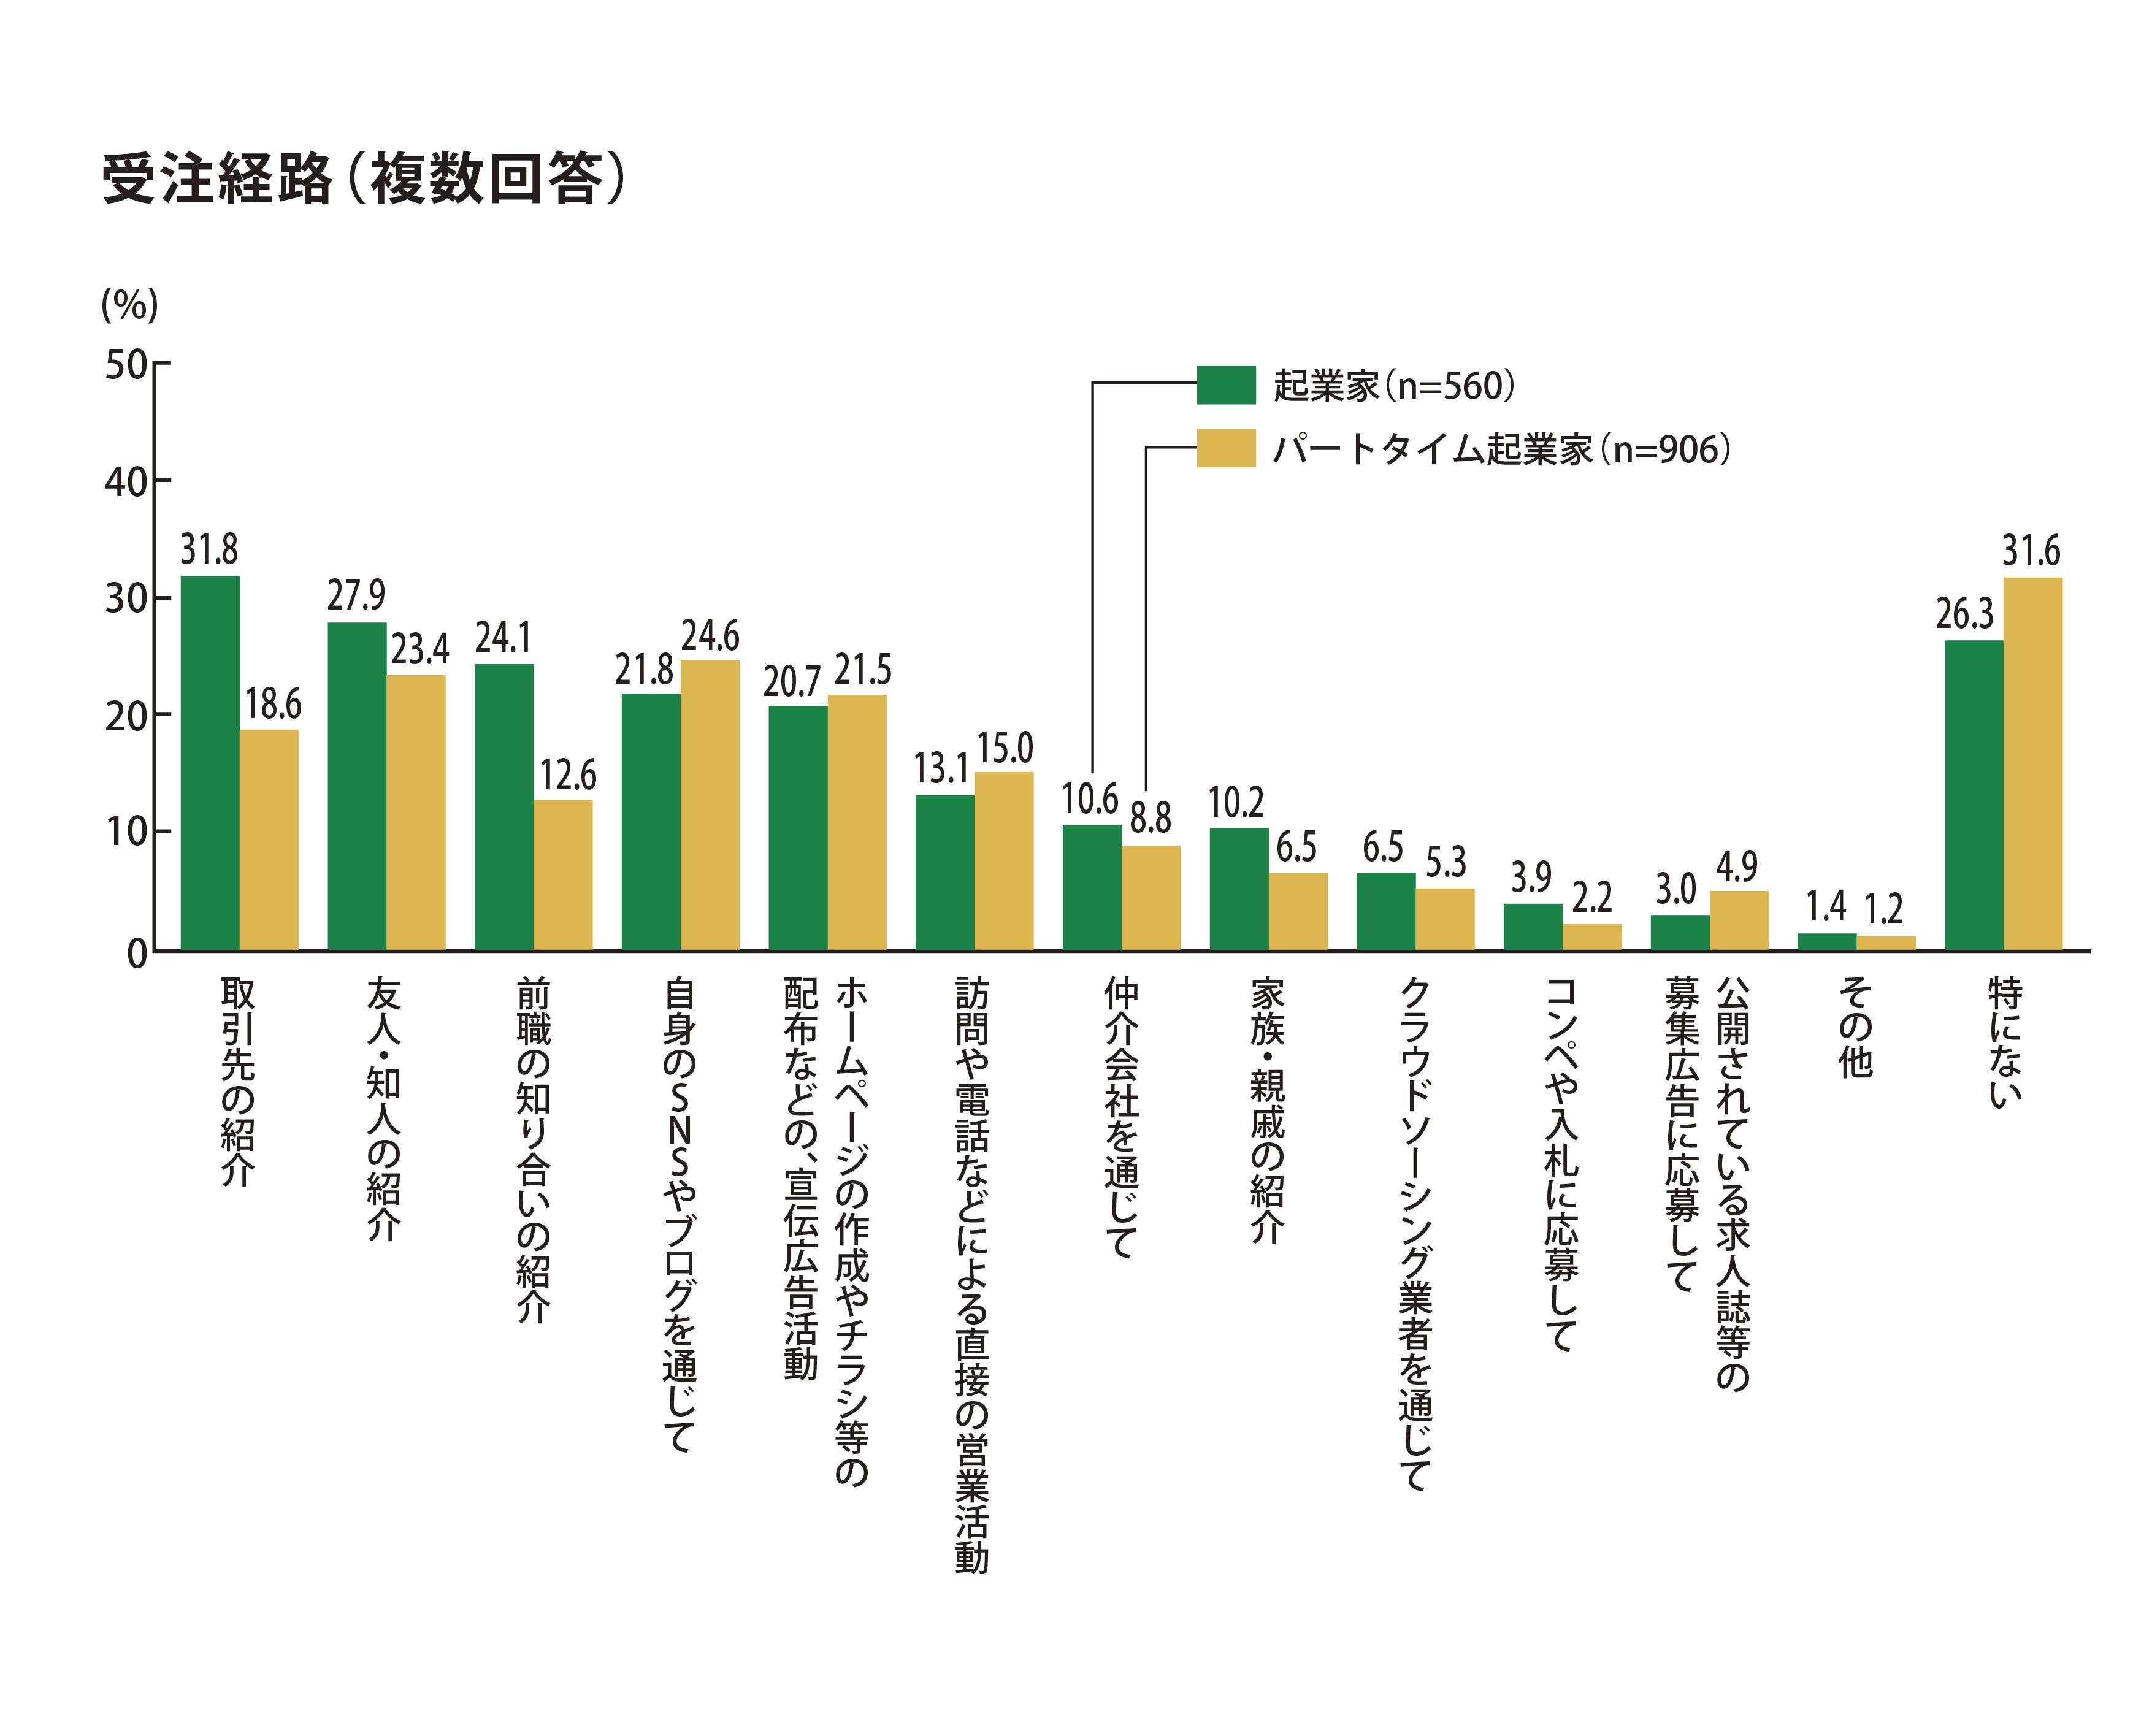 調査対象の起業家の内、受注経路として「取引先の紹介」と回答した人が31.8%、「友人・知人の紹介」と回答した人が27.9%であった